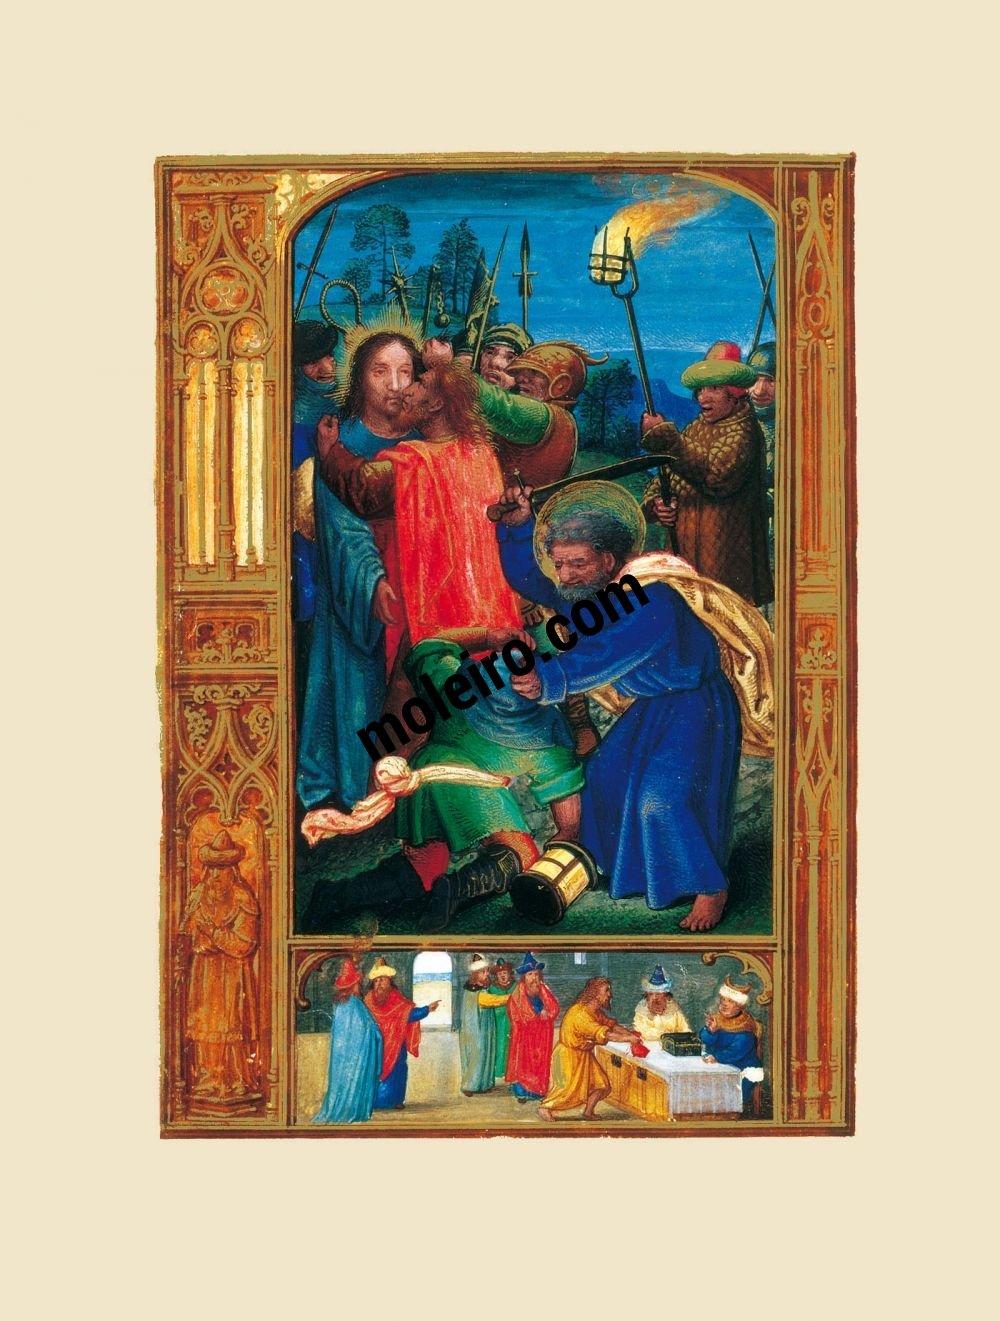 The Golf Book (Book of Hours) f. 4v, Judas's kiss